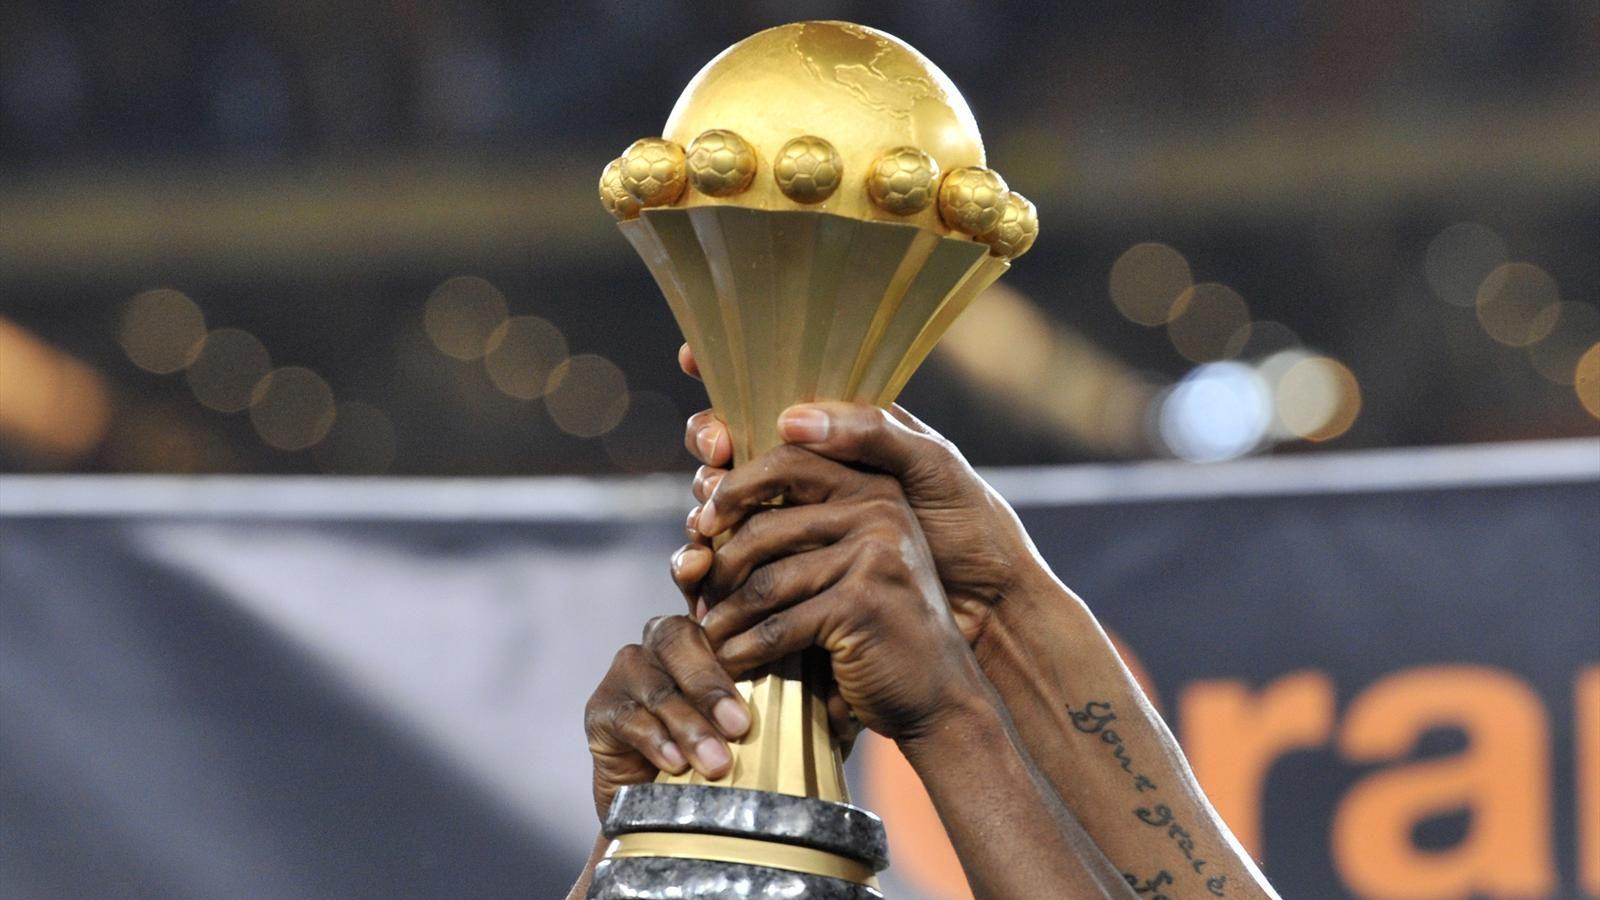 كأس إفريقيا للأمم-2019: الكاميرون ليس جاهزا لاحتضان الدورة